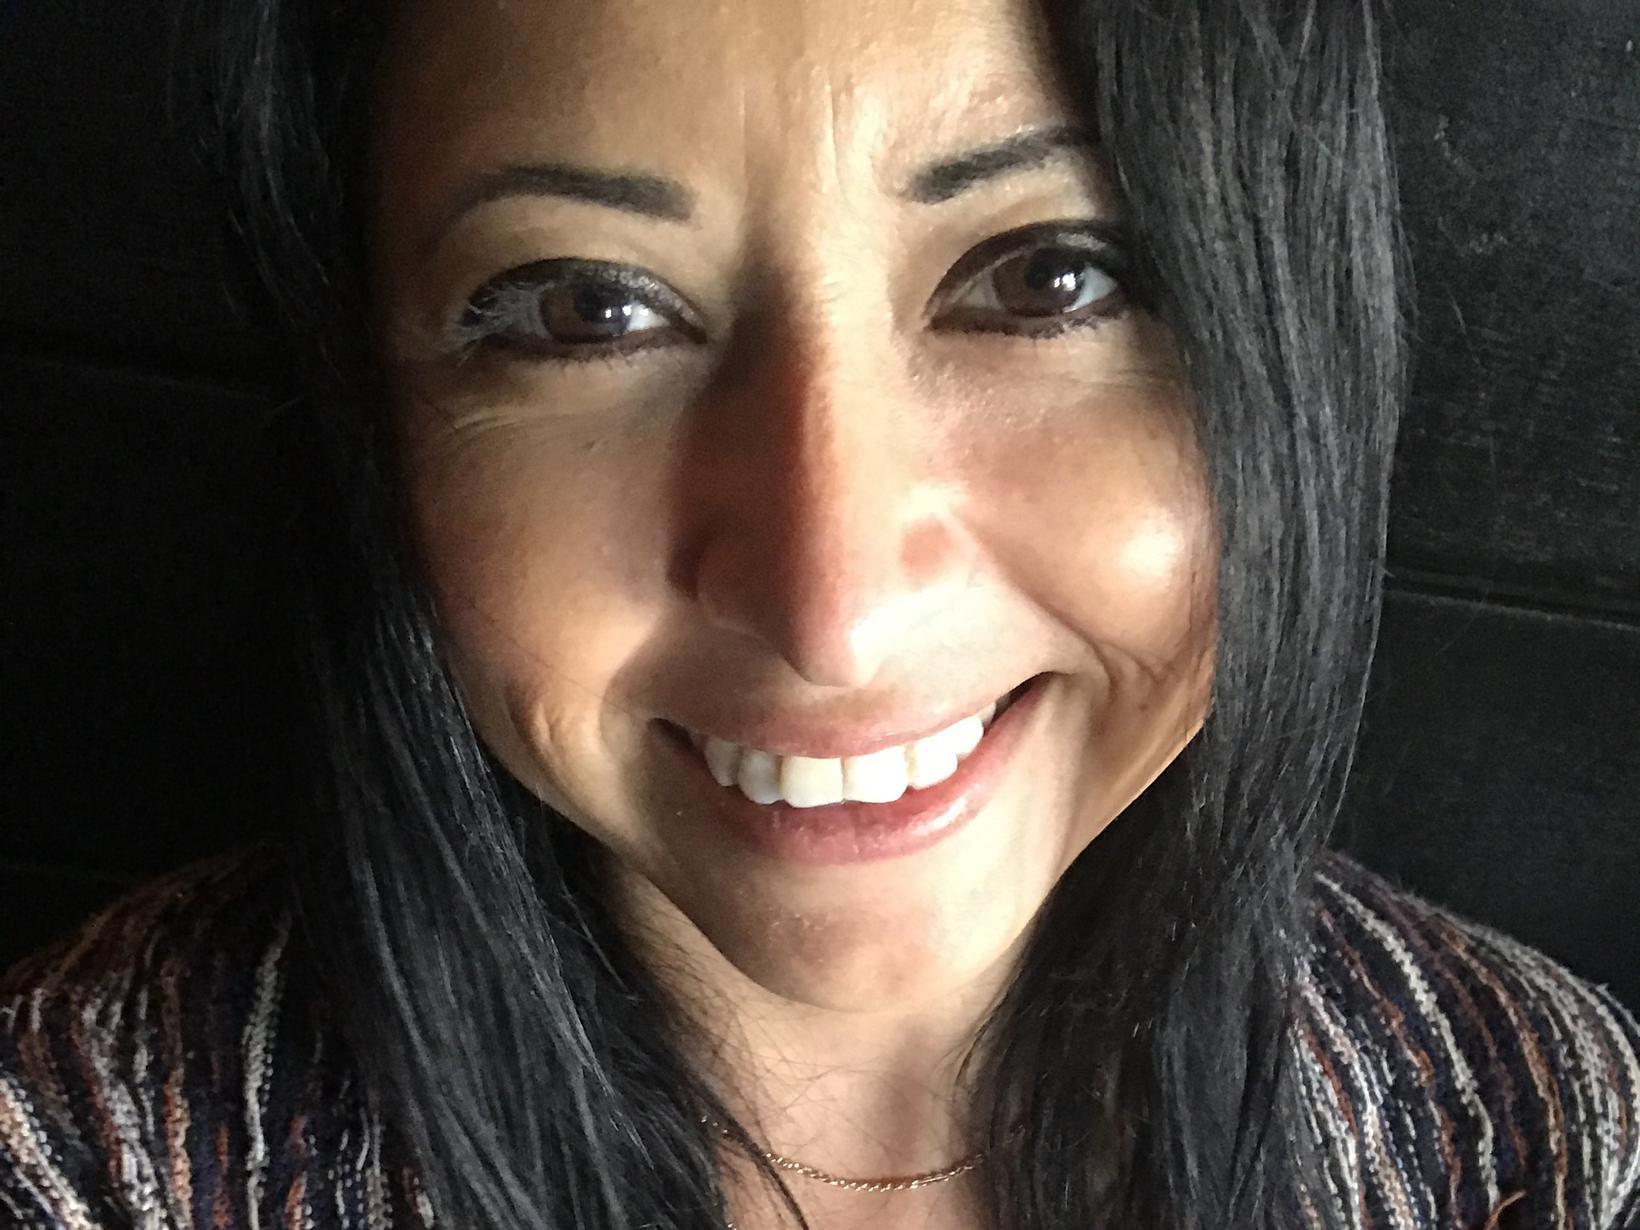 Jenny from Sarasota, Florida, United States